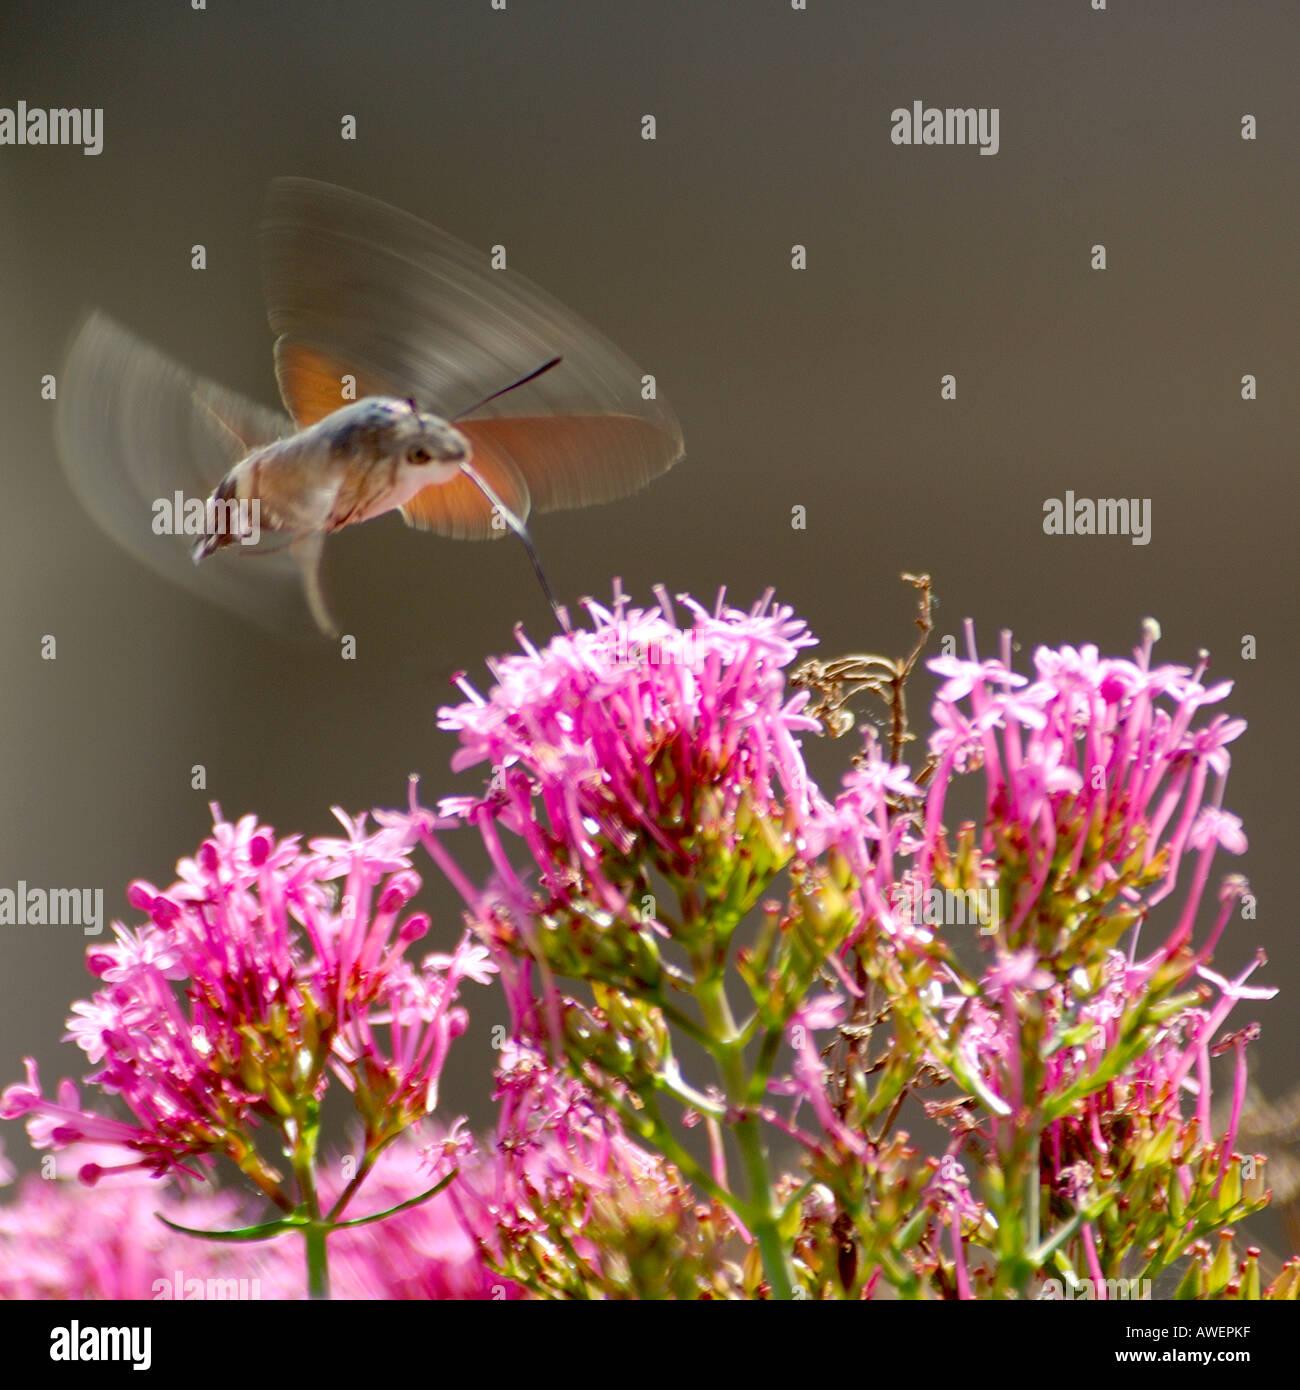 Colibrí Macroglossum stellatarum Polilla Halcón flotando y alimentando desde rosa Verbena bonariensis flores silvestres con alas borrosa Foto de stock